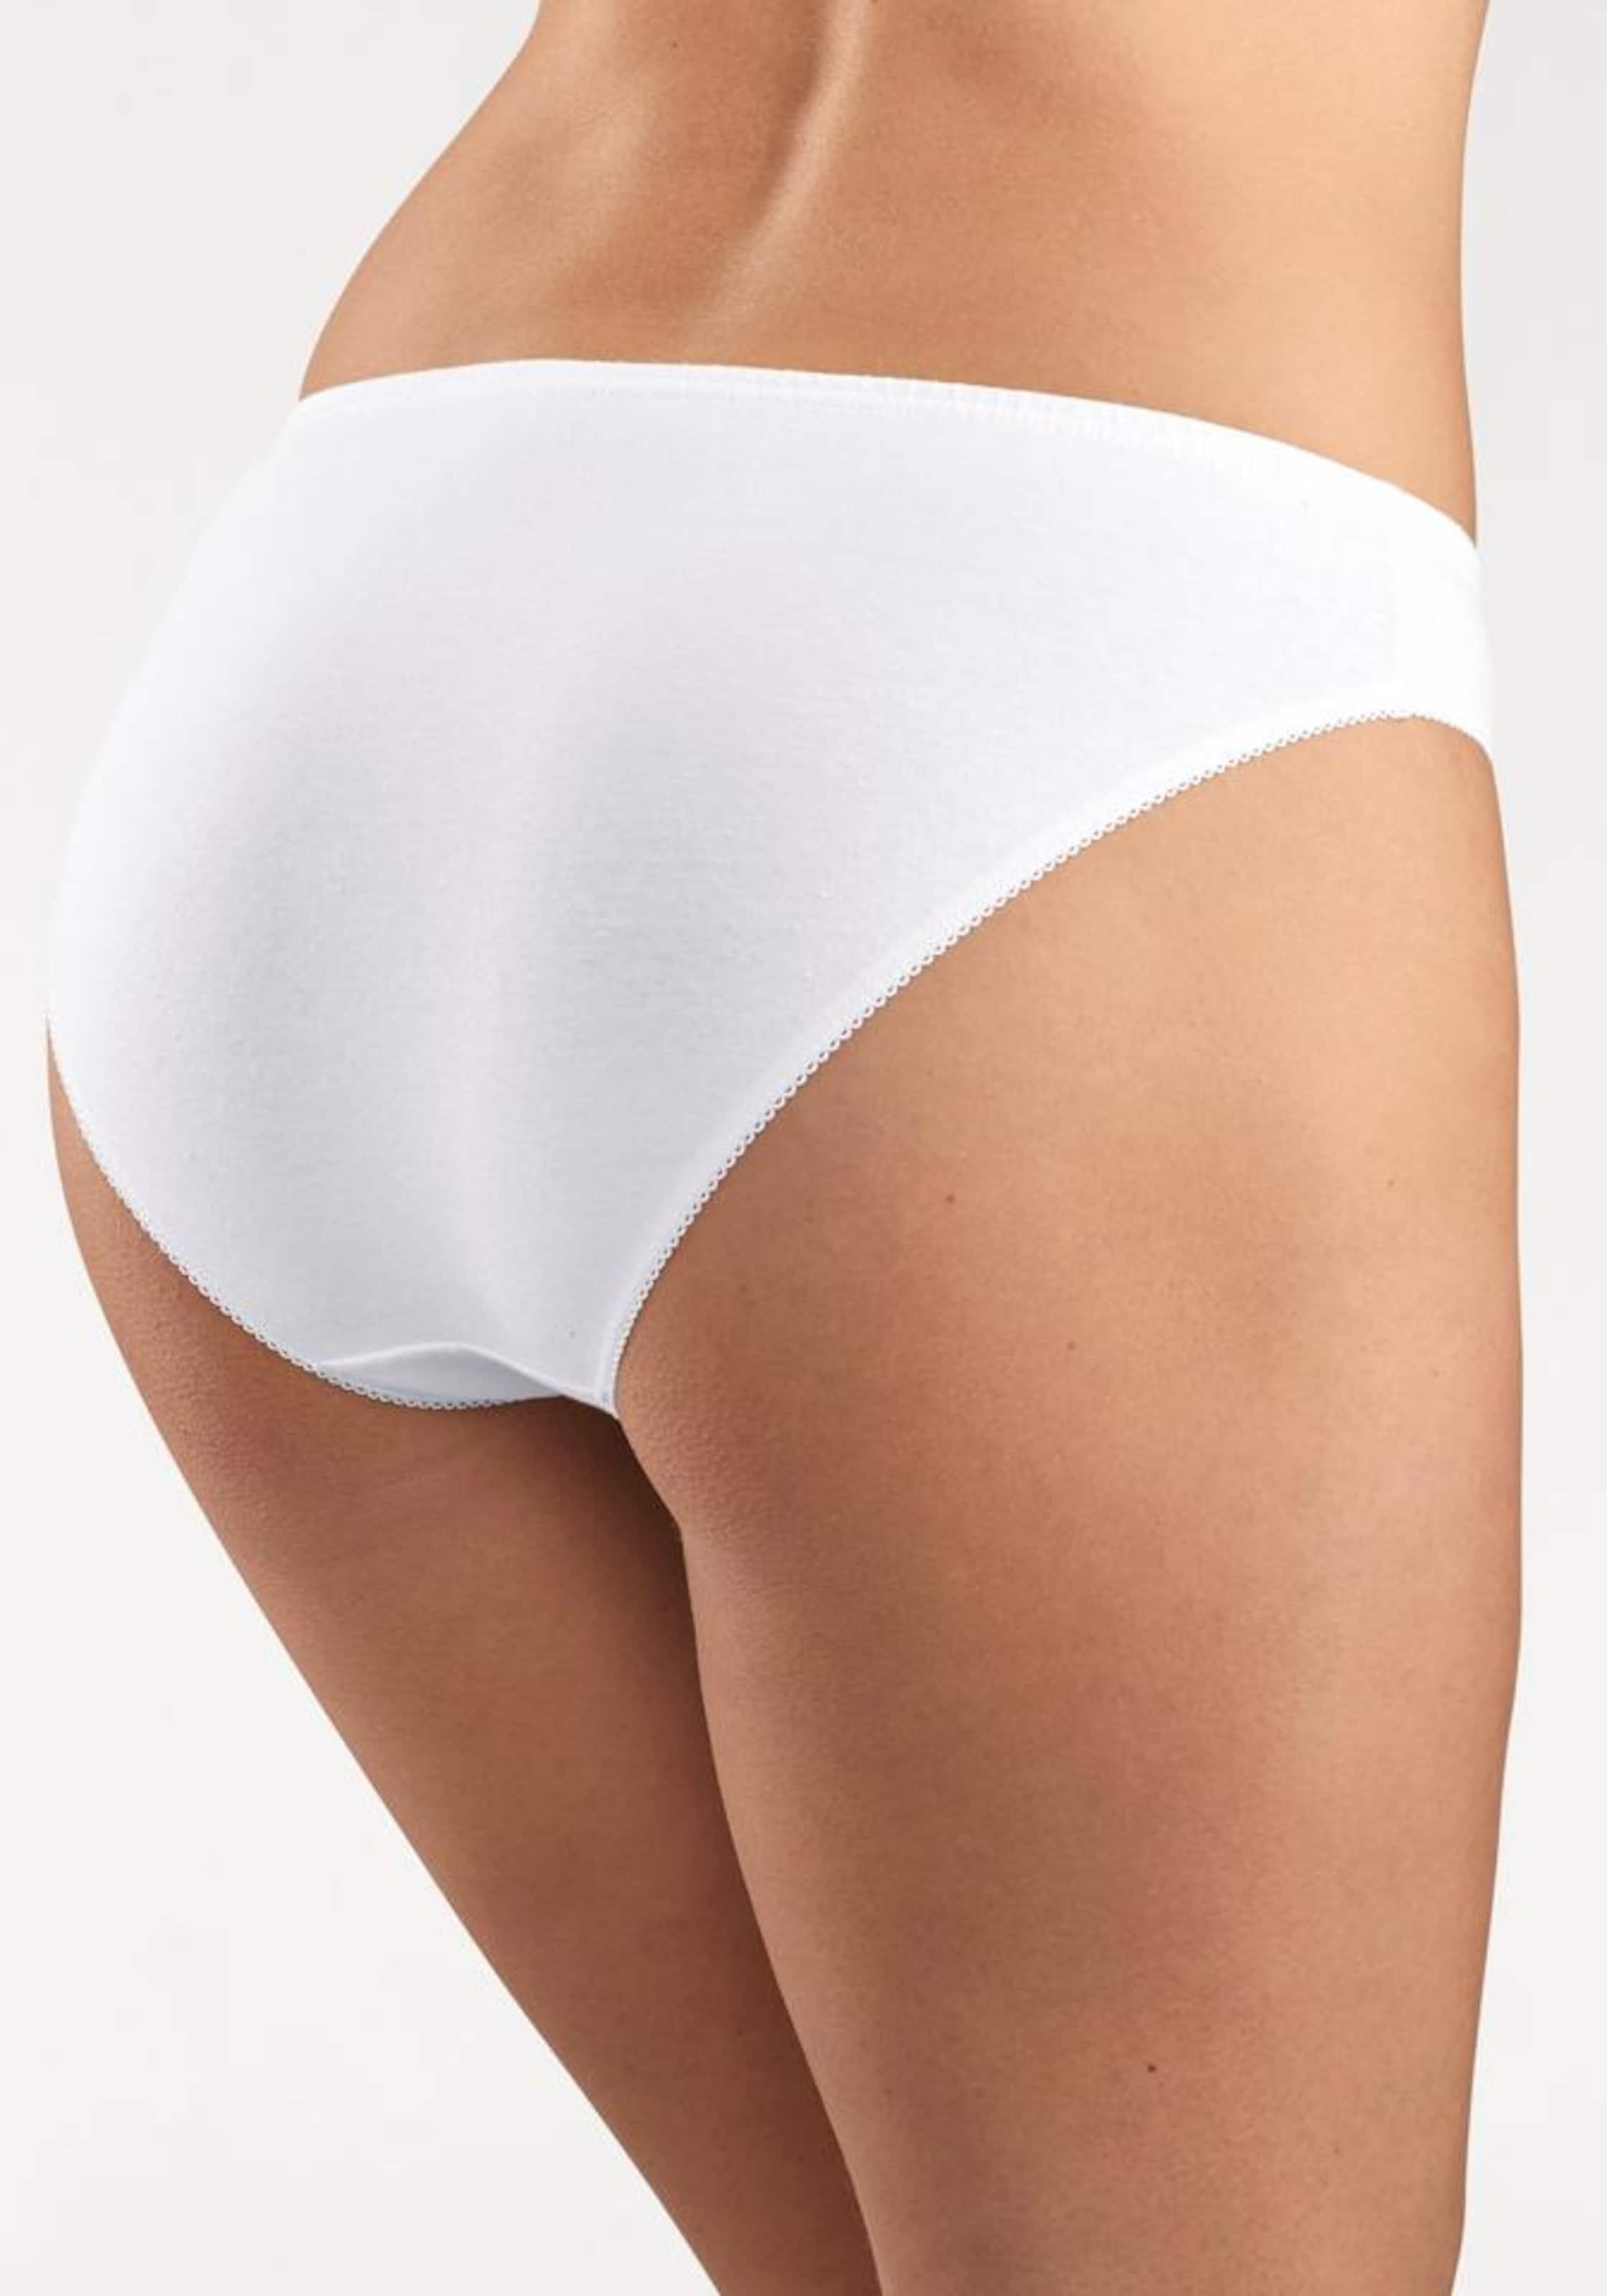 ARIZONA Bikinislips (4 Stück) Austrittskosten Niedriger Preis Versandgebühr Online-Bilder Verkauf Günstig Kaufen Größte Lieferant Günstig Kaufen ogp7R6WS7